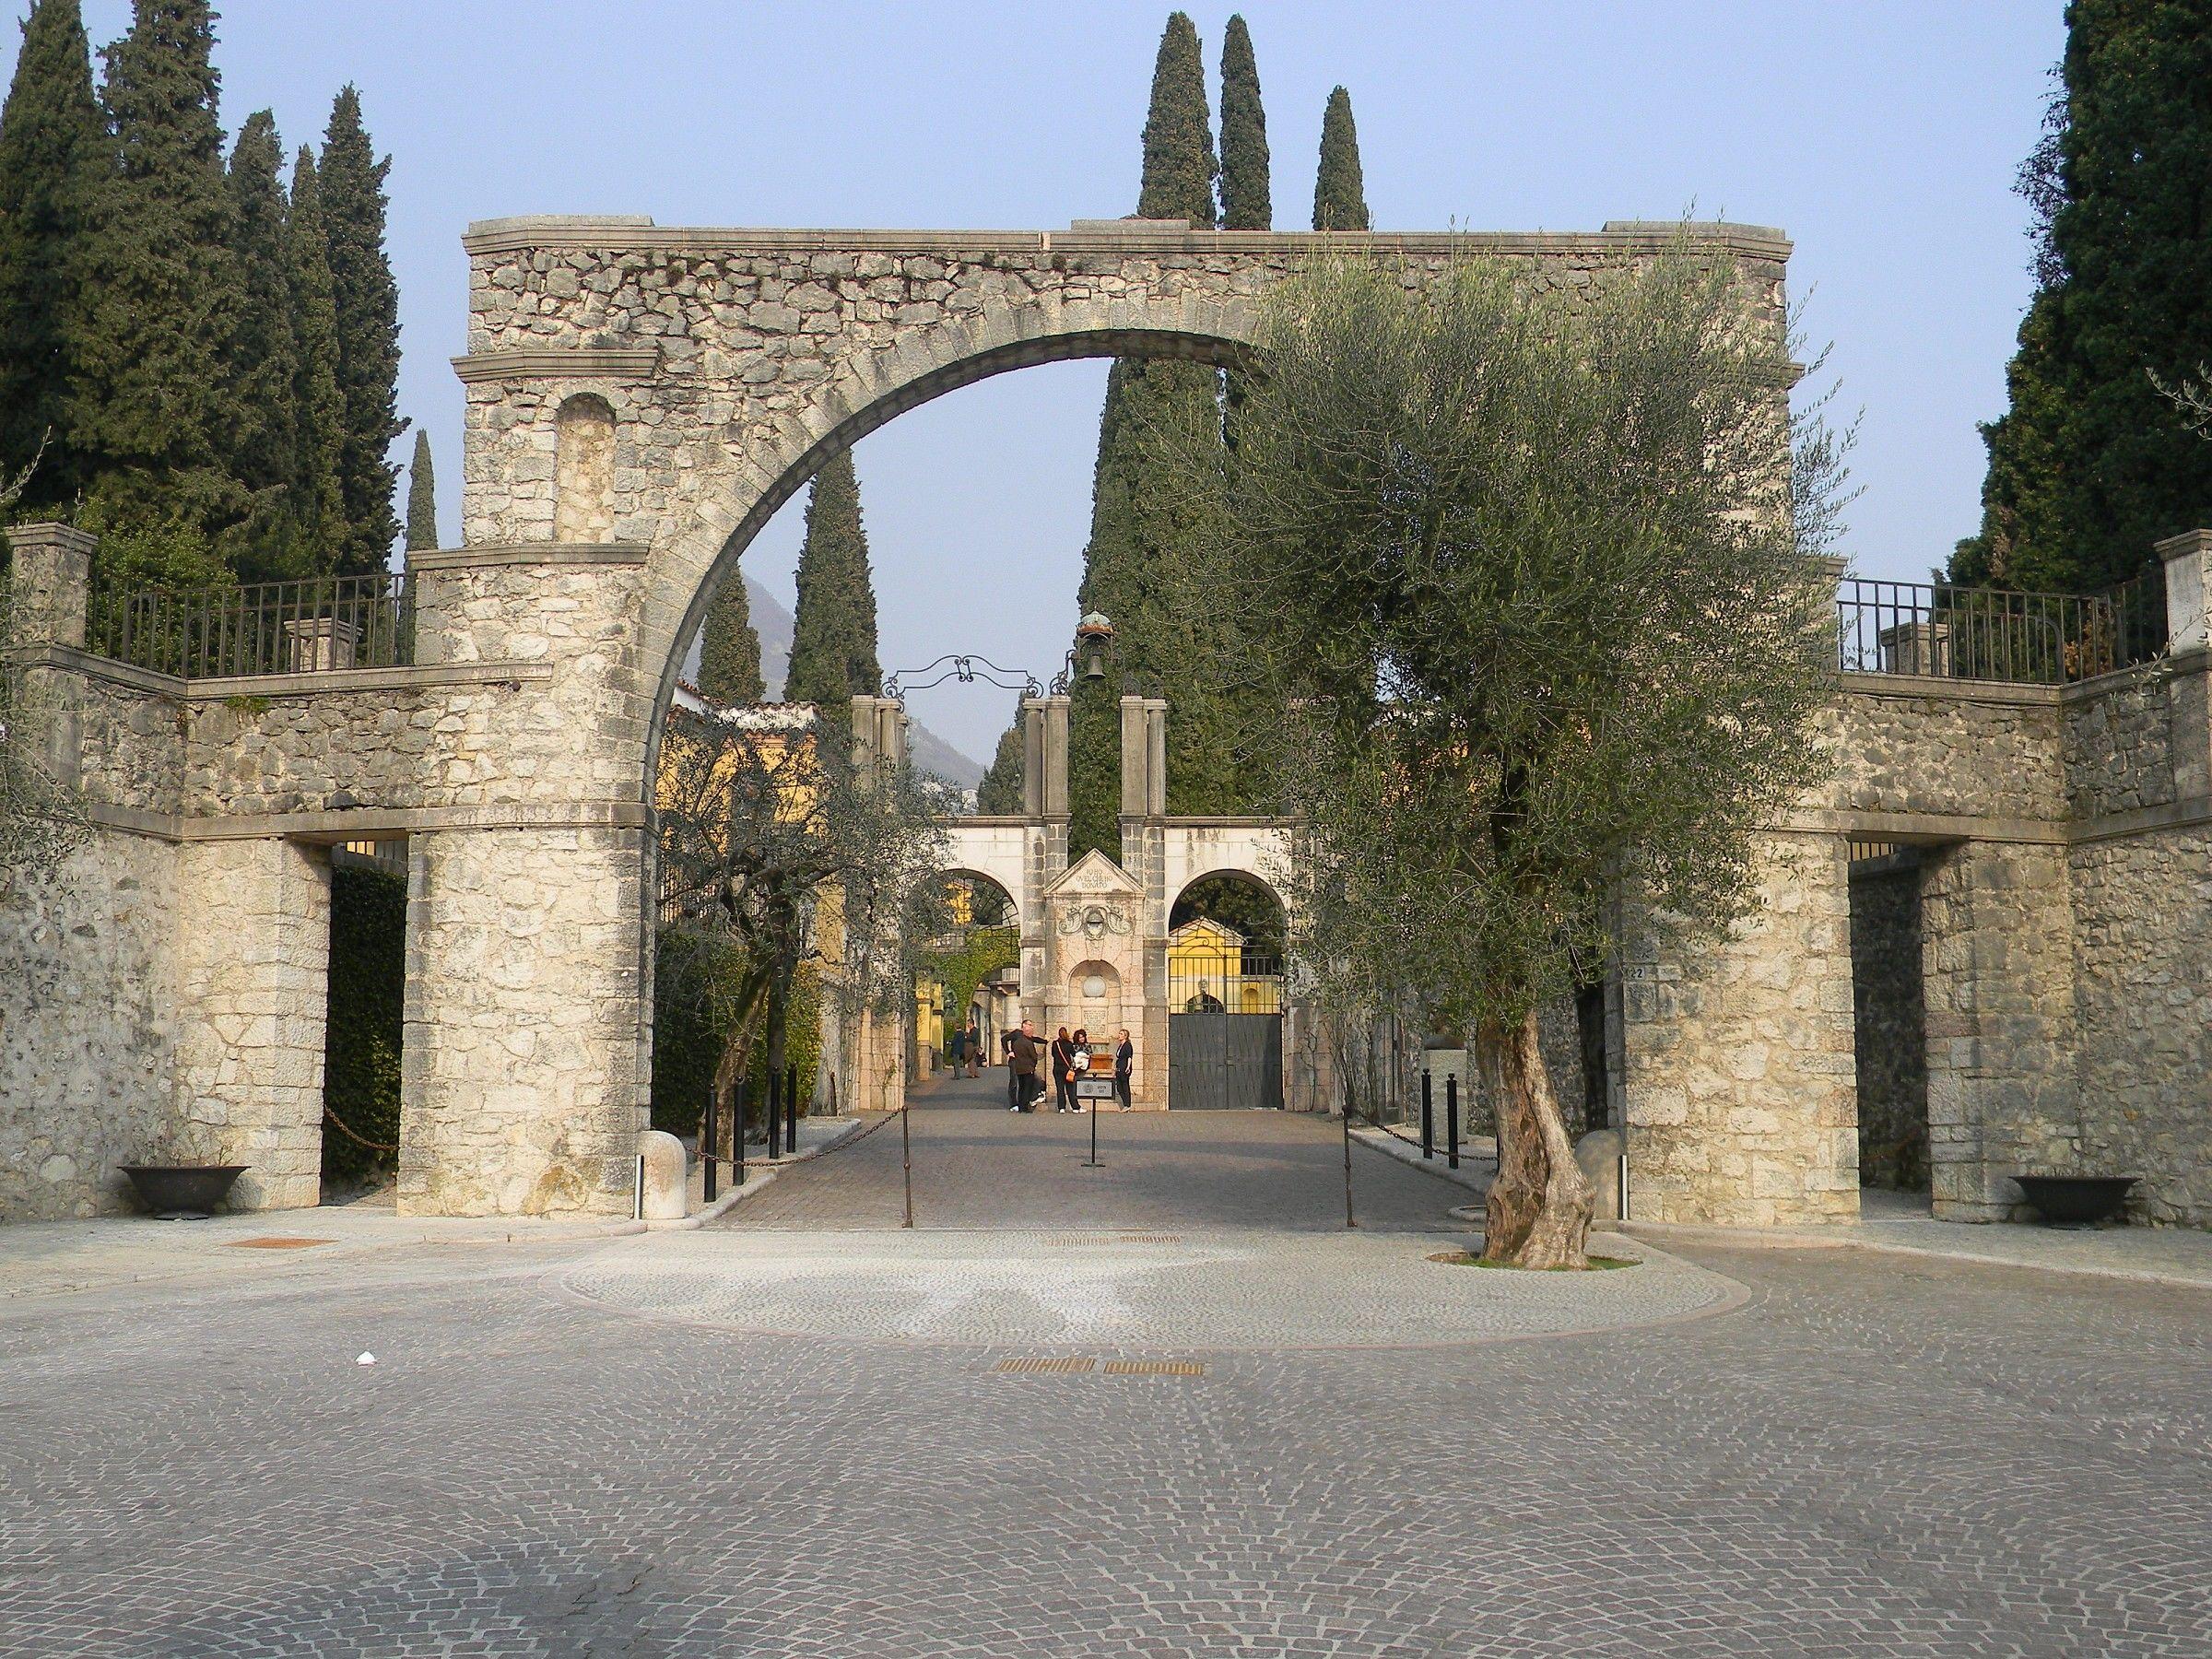 The Vittoriale...